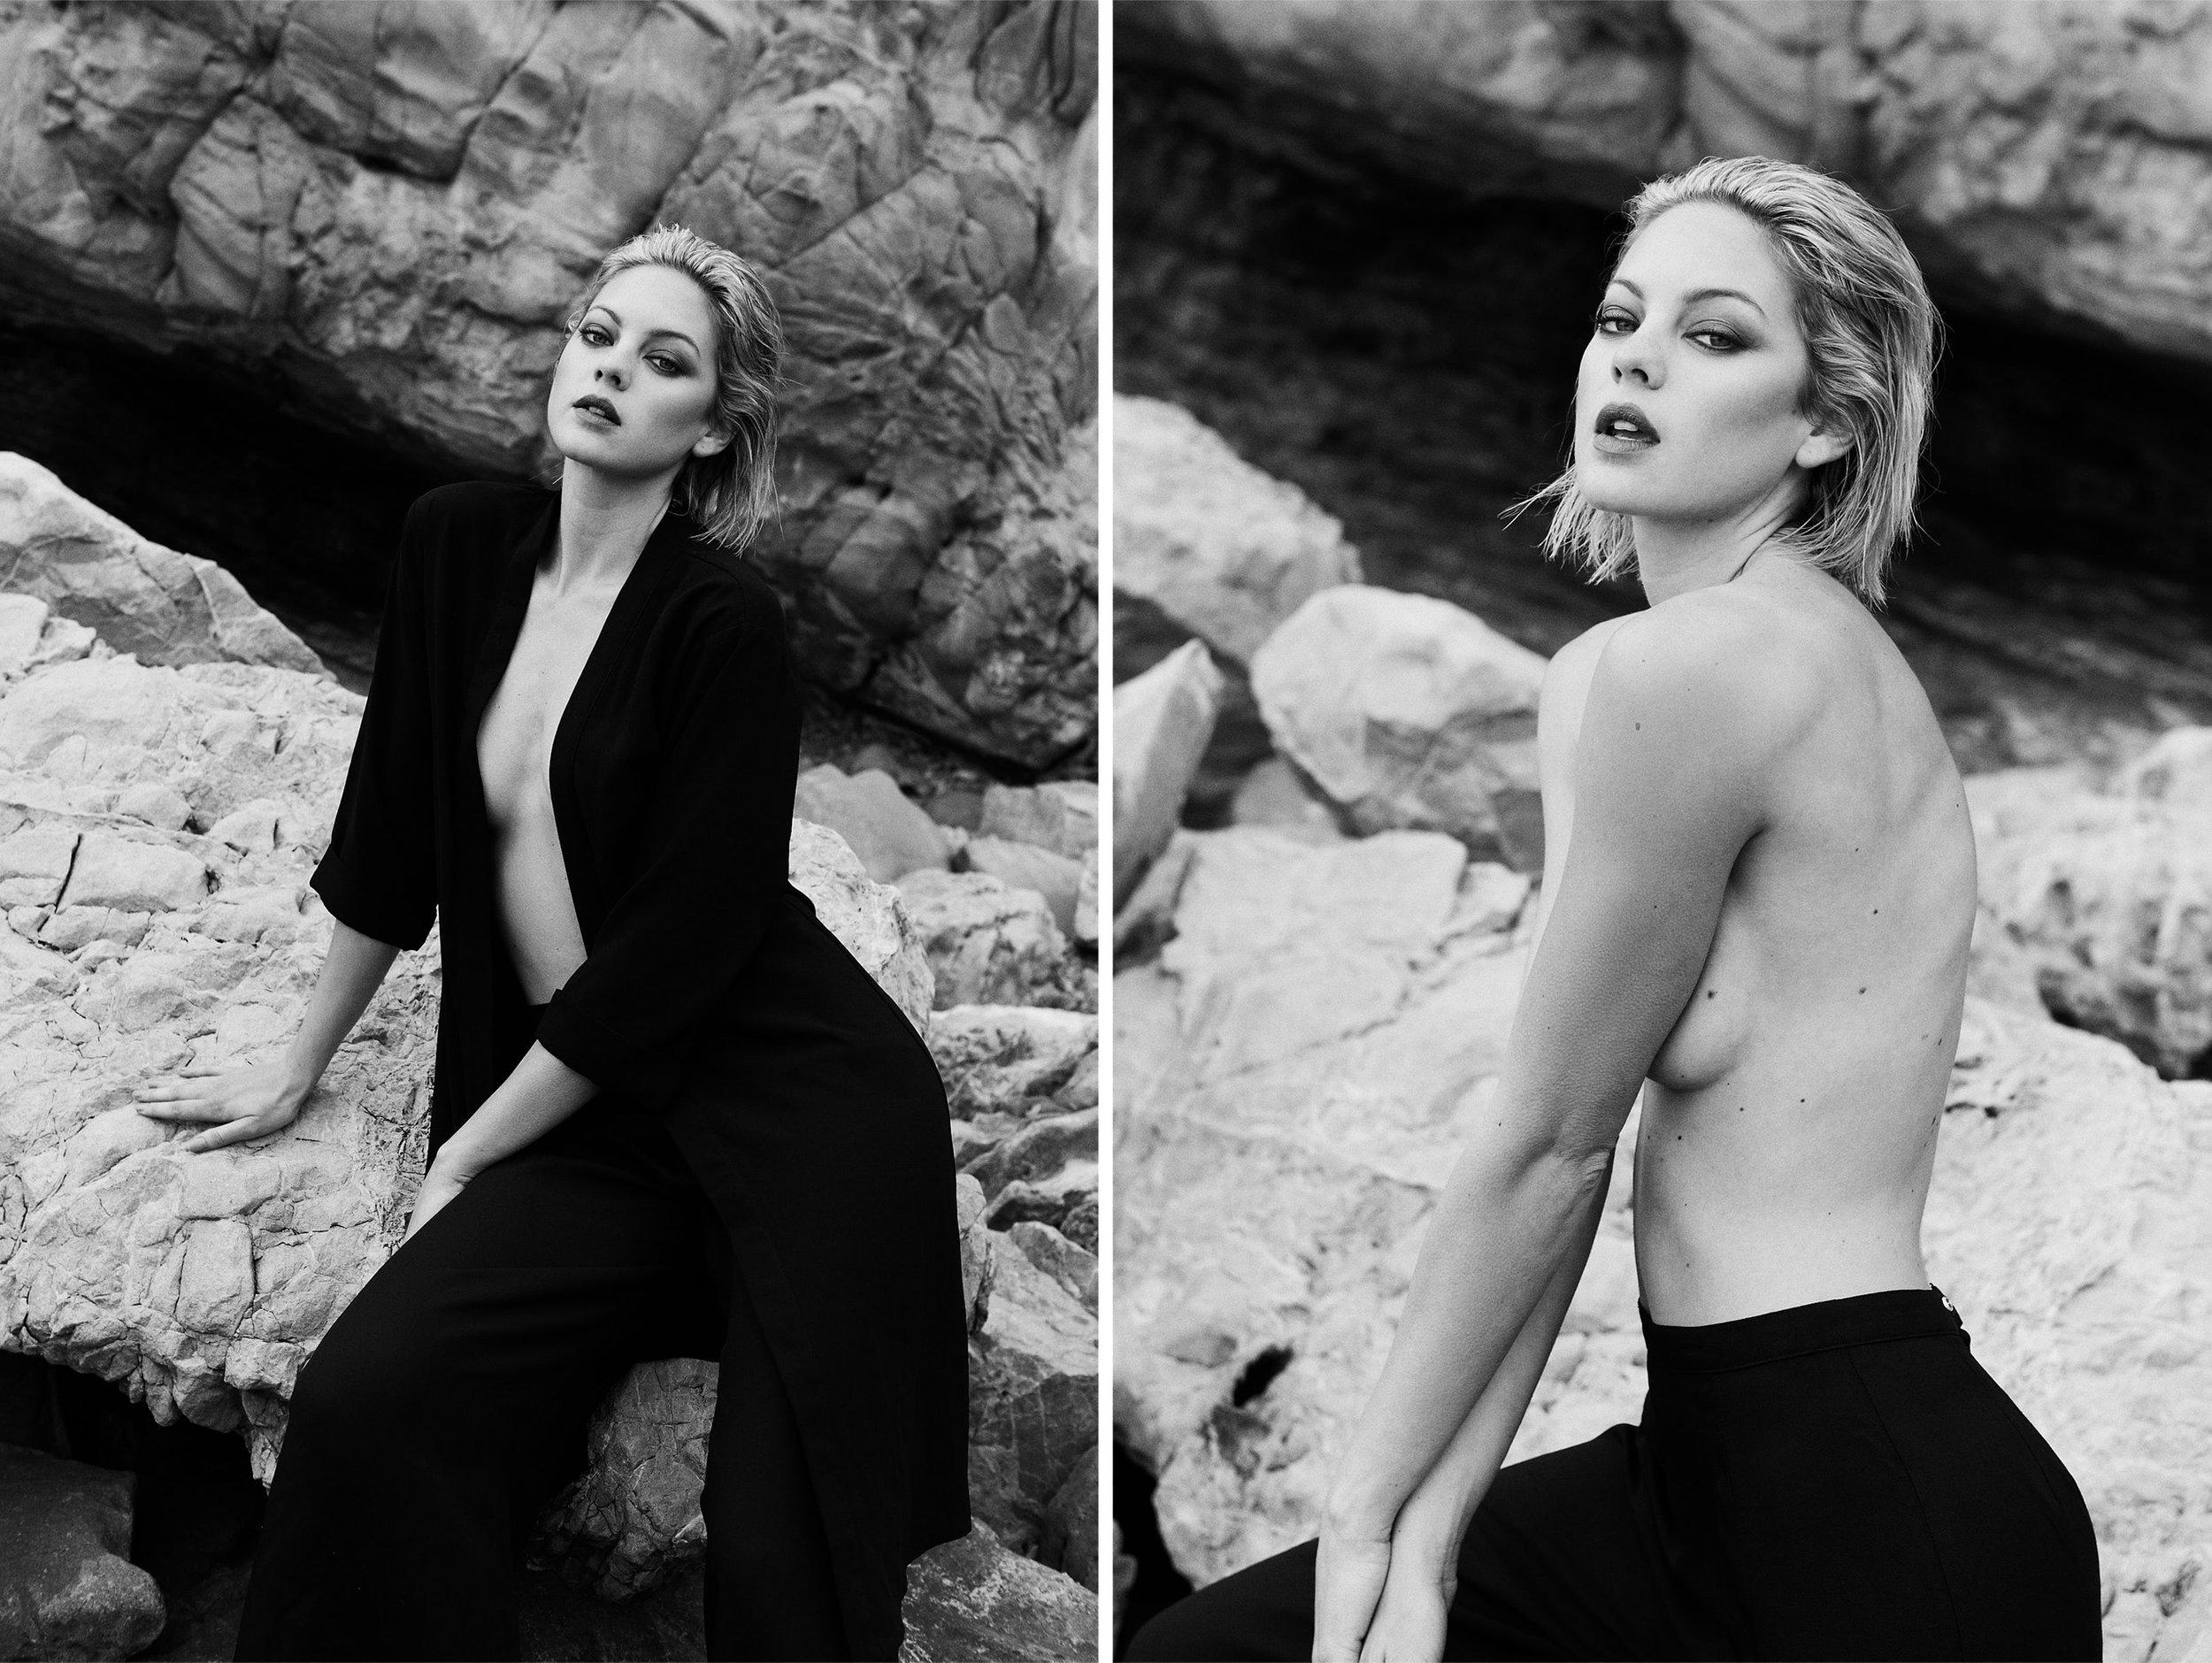 Amanda-FashionL-2up.jpg